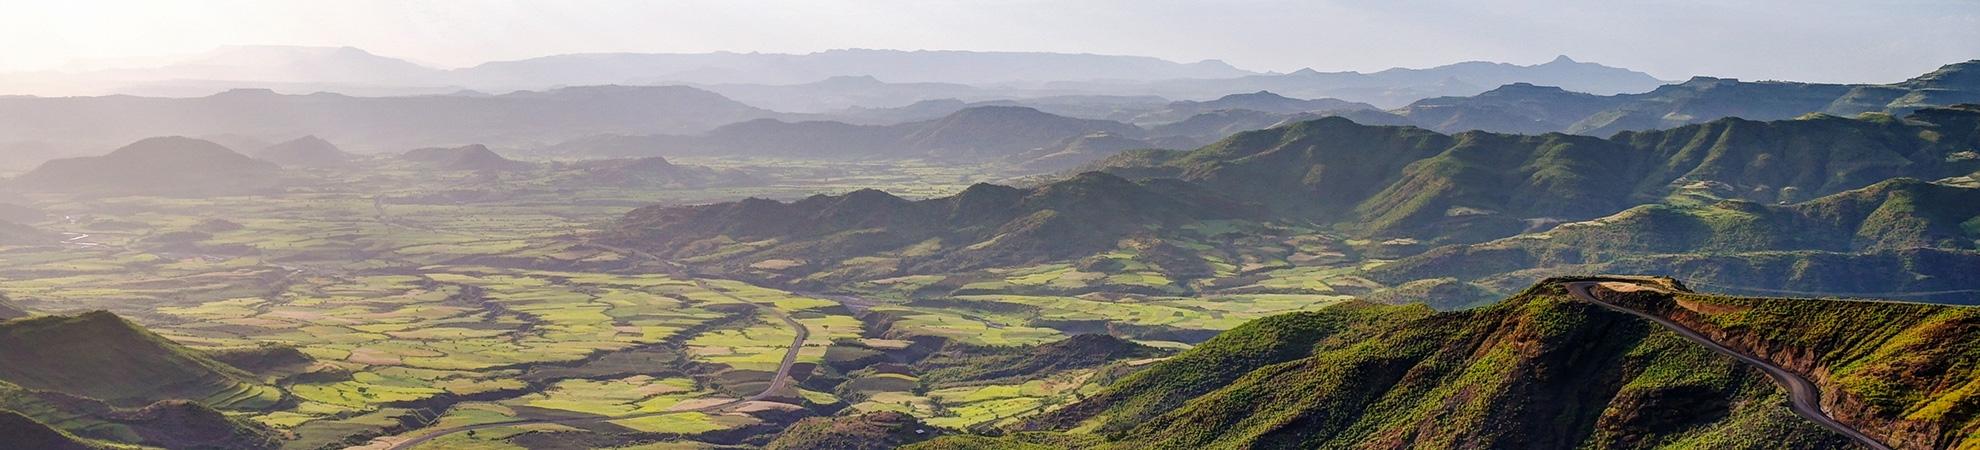 Fiche Pays Ethiopie